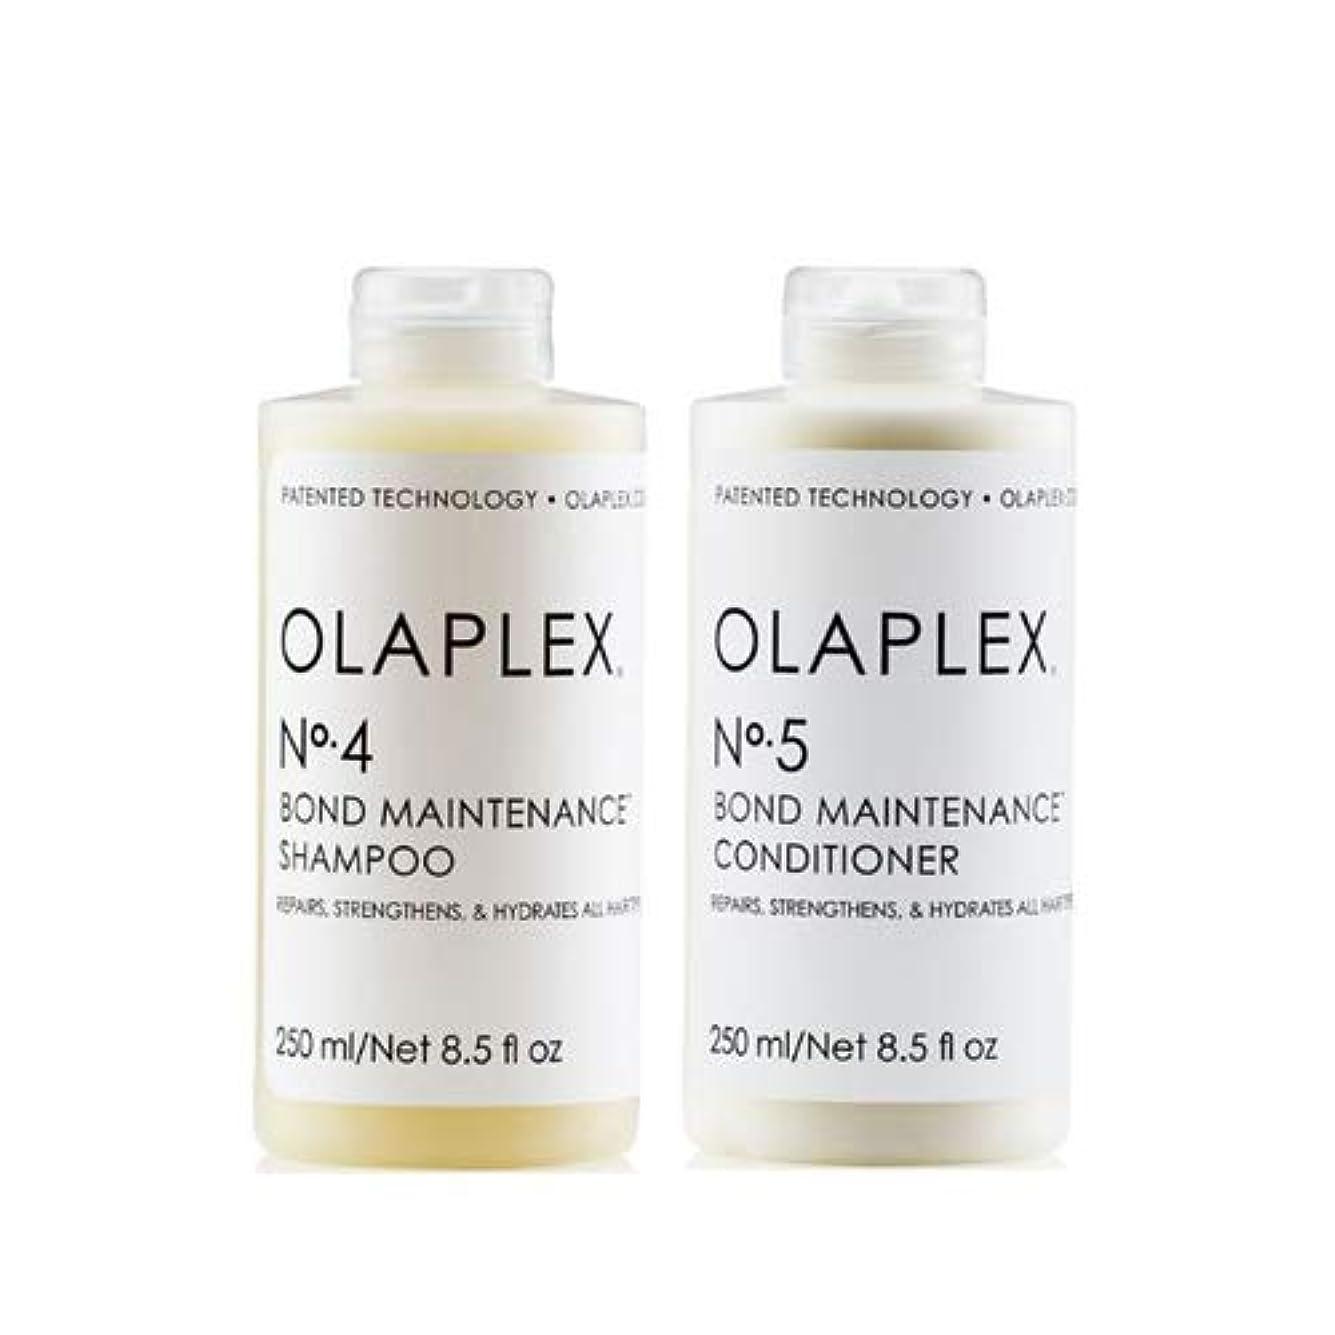 ためらう信じられないコンペOlaplex オラプレックス No. 4 5 ボンド メンテナンス シャンプー&コンディショナー Olaplex Bond Maintenance Shampoo & Conditioner 【並行輸入品】